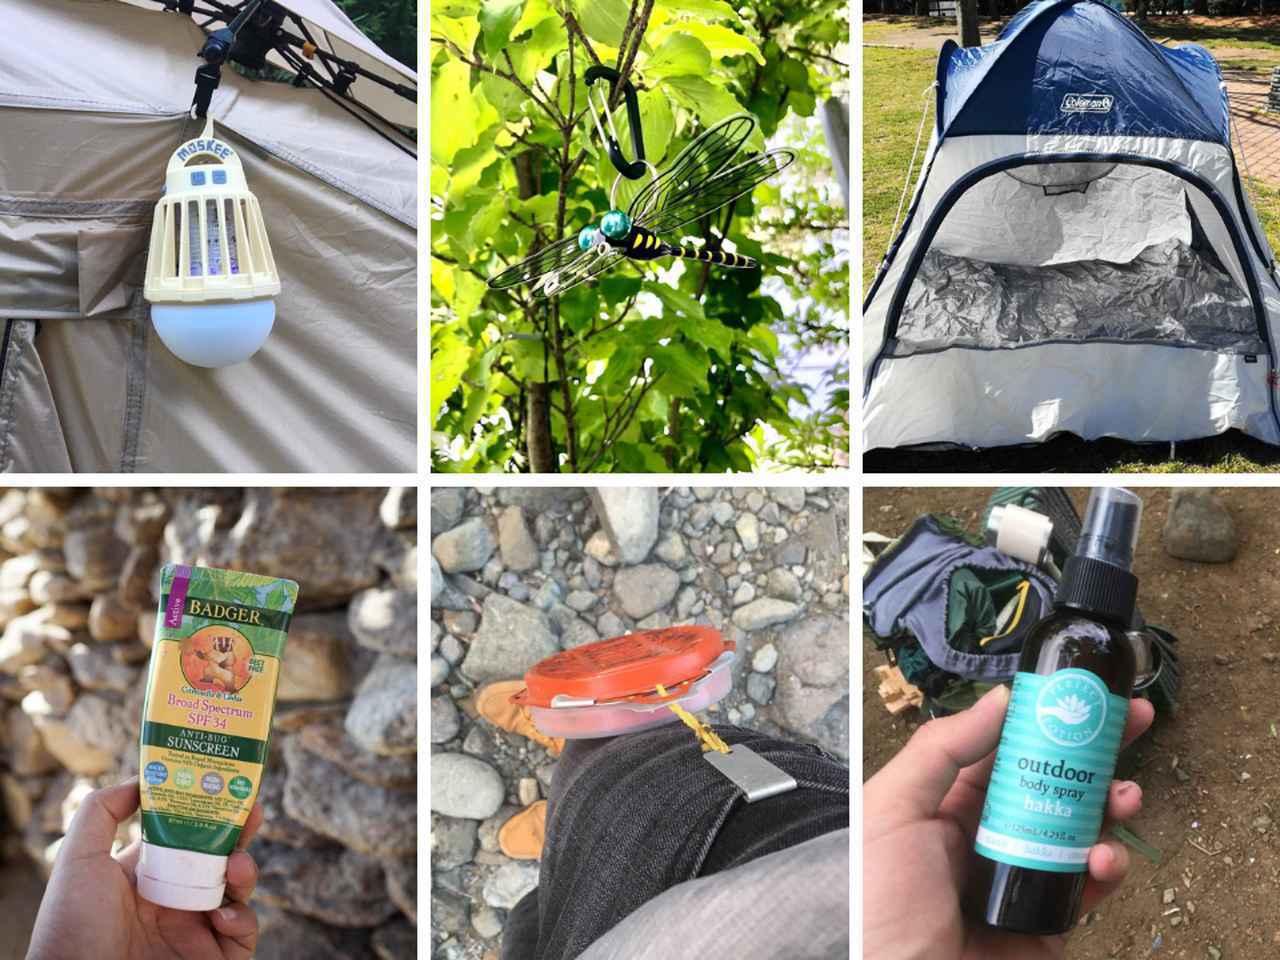 画像: 【最強の虫対策まとめ】夏のキャンプやアウトドアで使える! おすすめの虫除けアイテム6選 - ハピキャン キャンプ・アウトドア情報メディア